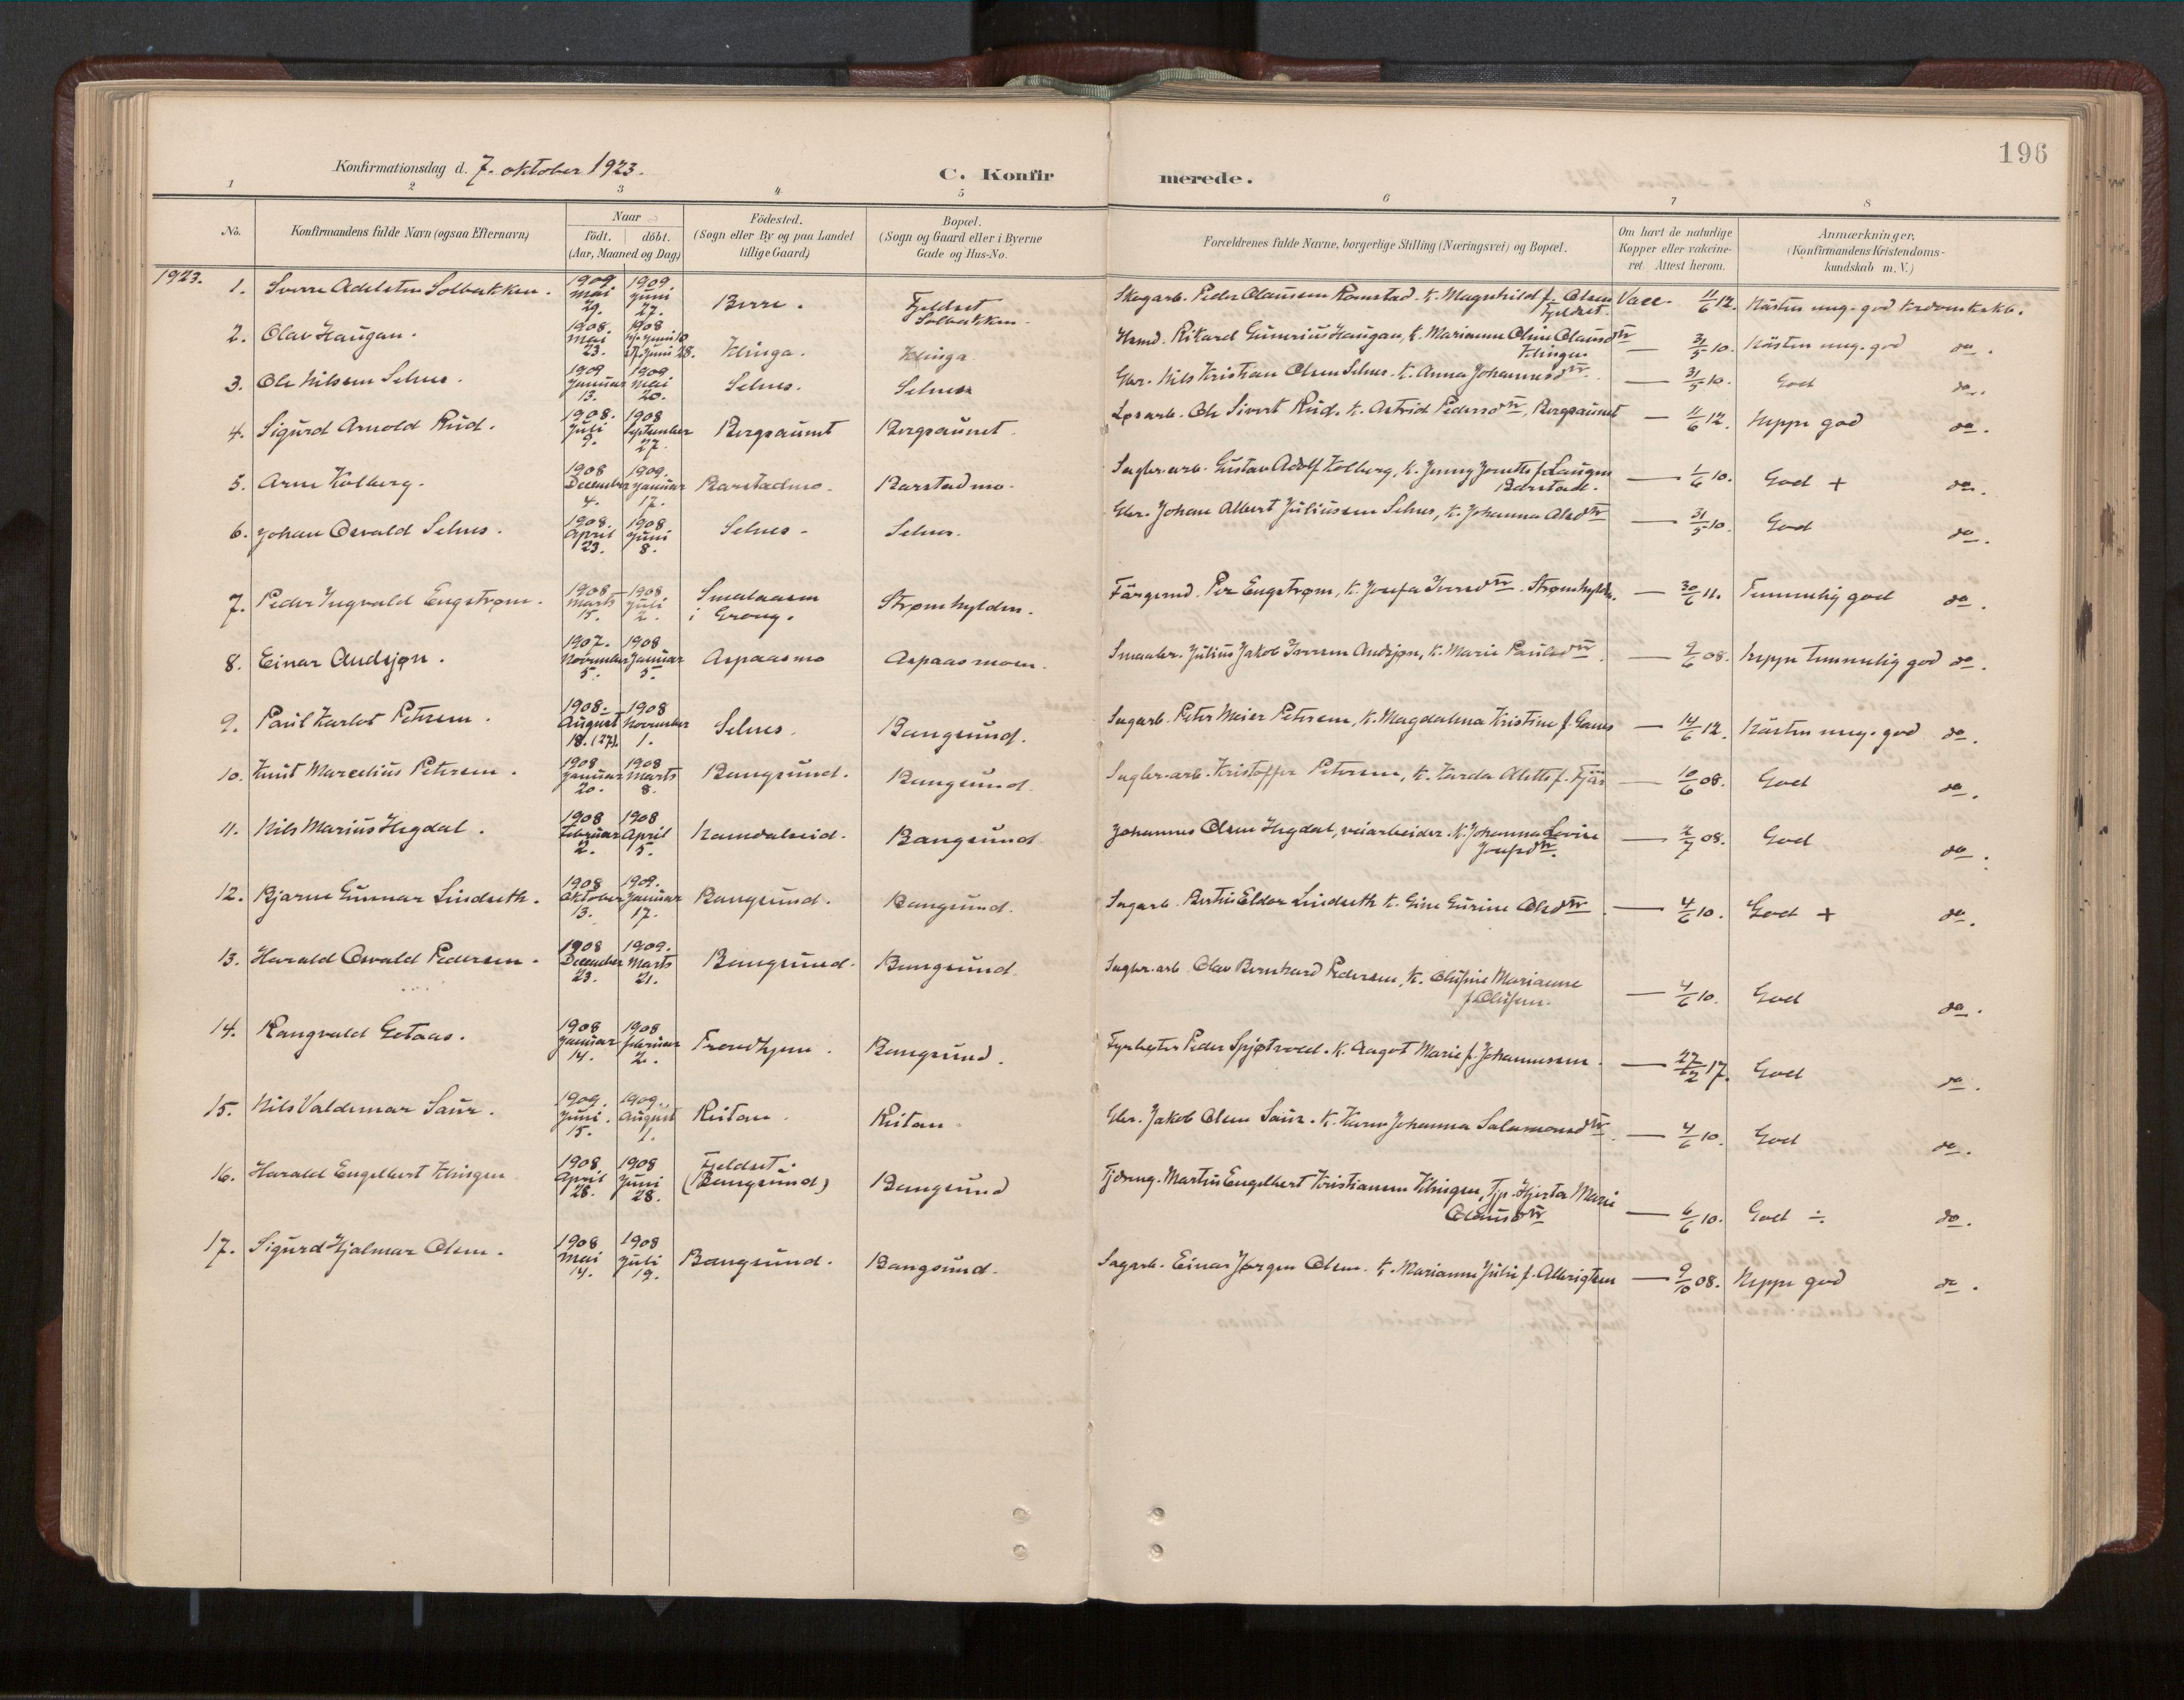 SAT, Ministerialprotokoller, klokkerbøker og fødselsregistre - Nord-Trøndelag, 770/L0589: Ministerialbok nr. 770A03, 1887-1929, s. 196